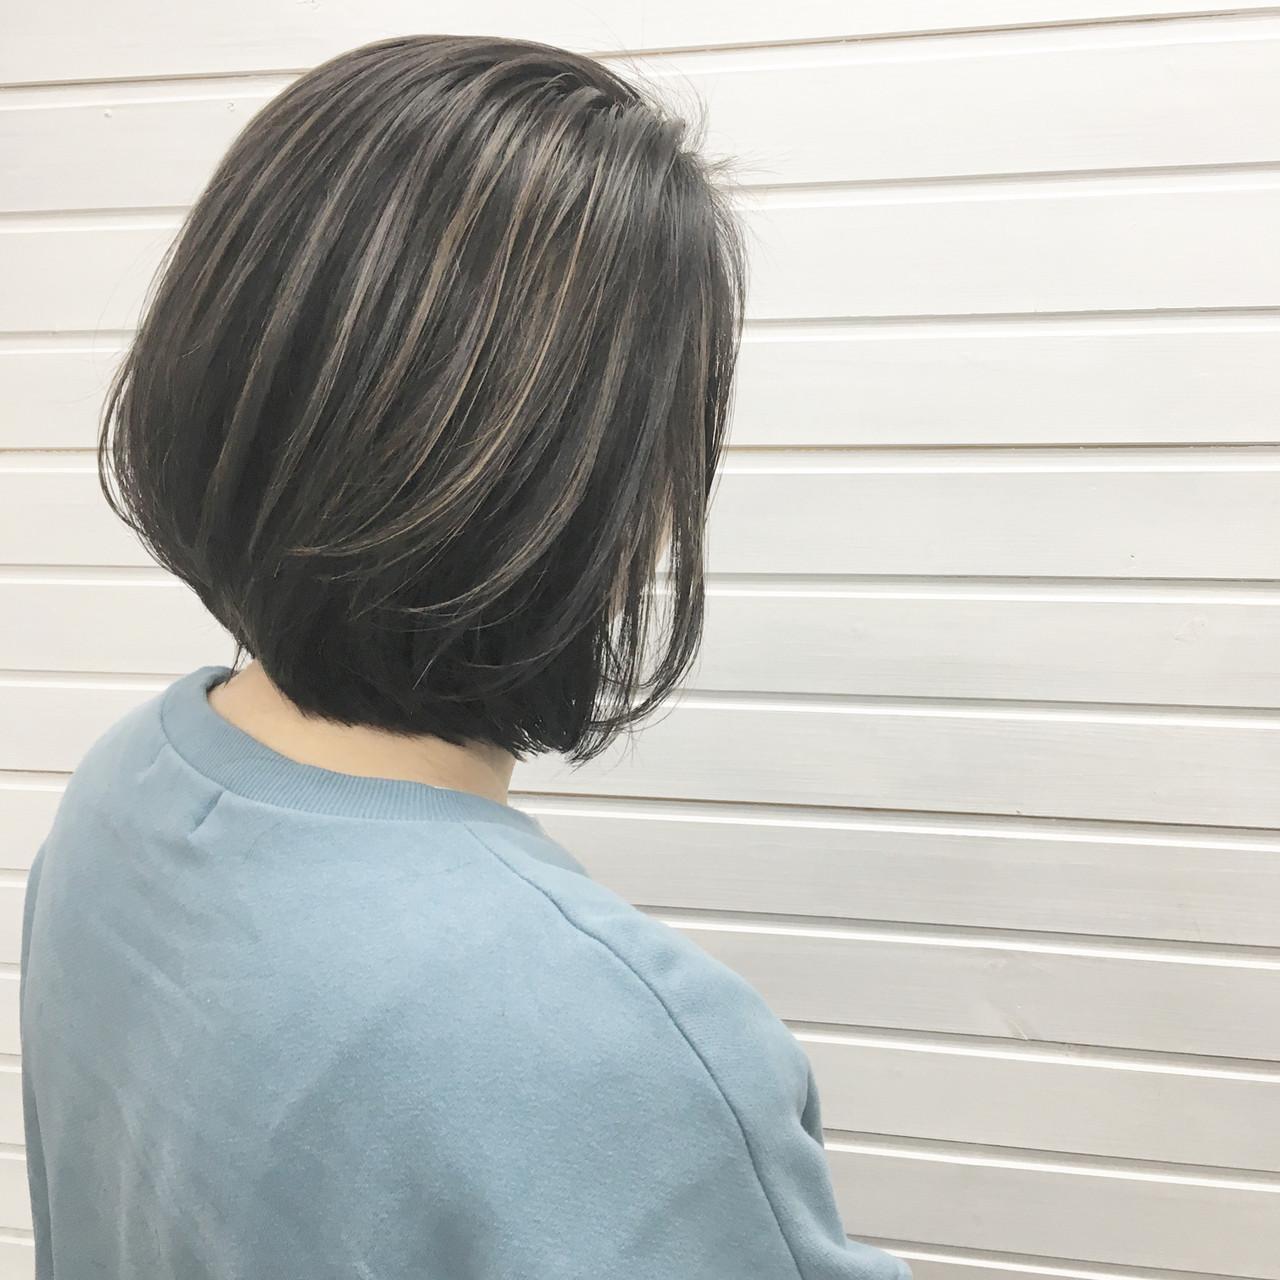 グレージュ アッシュグレージュ ストリート ボブ ヘアスタイルや髪型の写真・画像